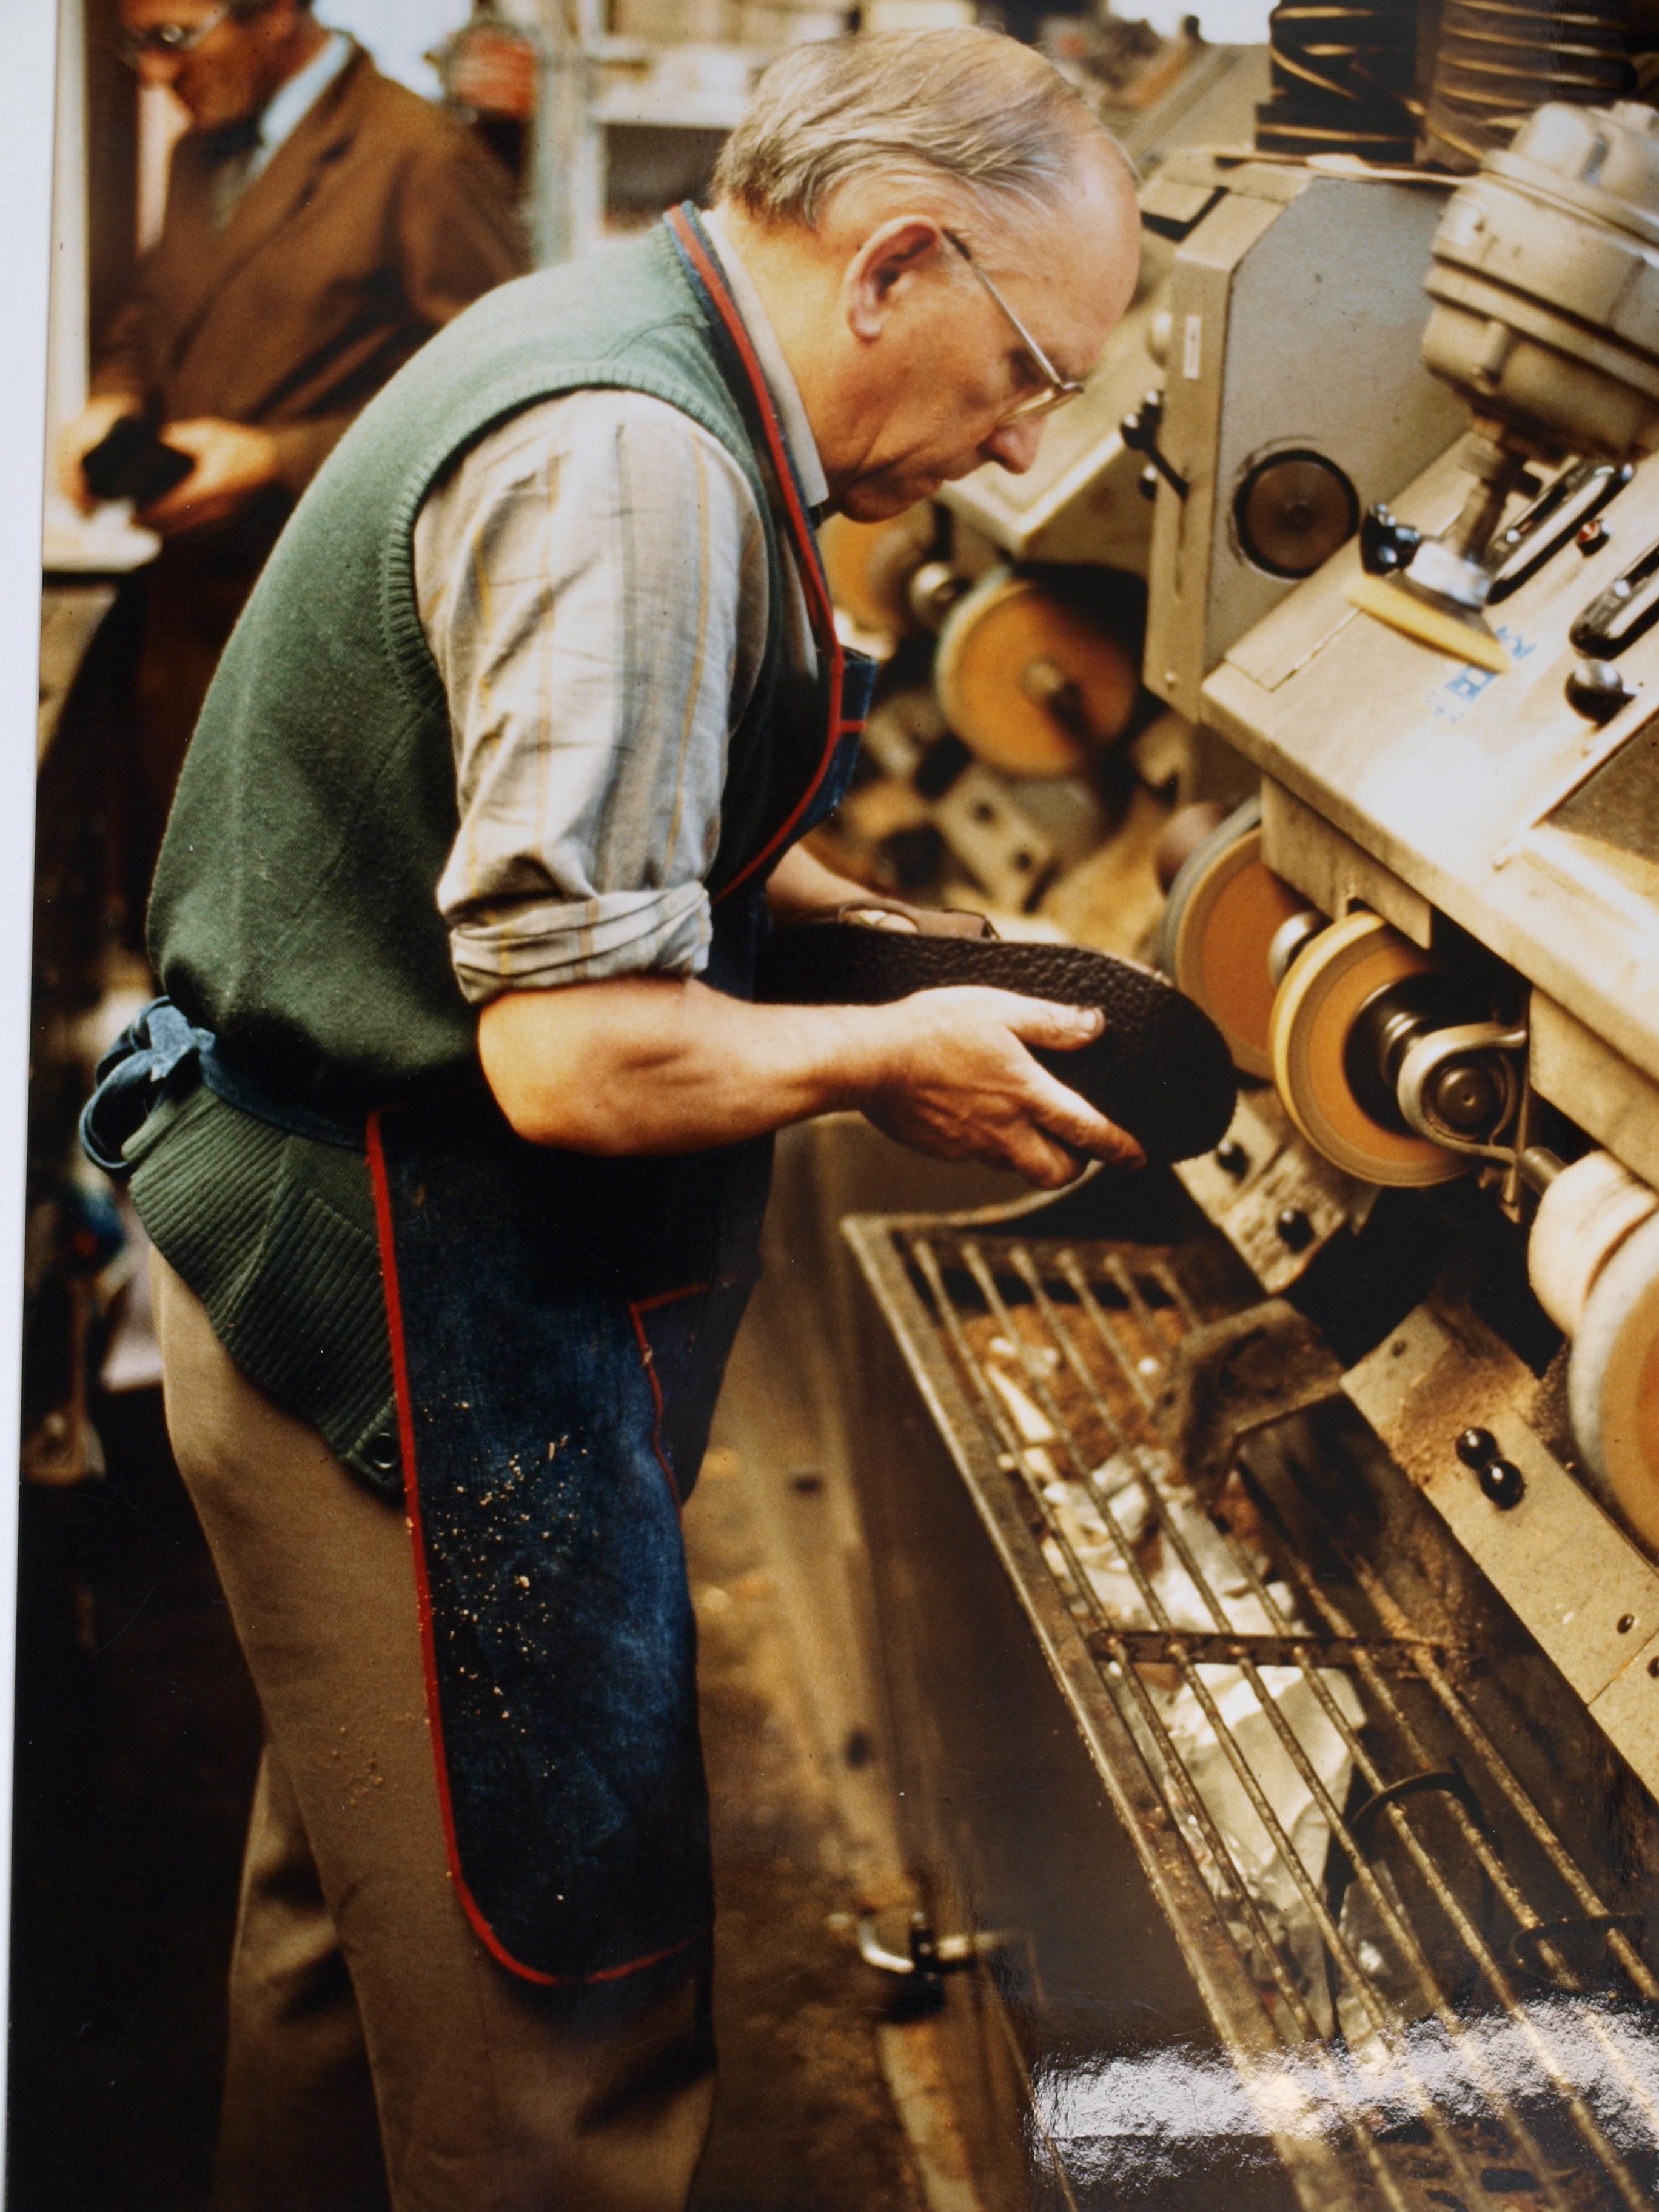 site-schoenmakerij-winkel-historie-019